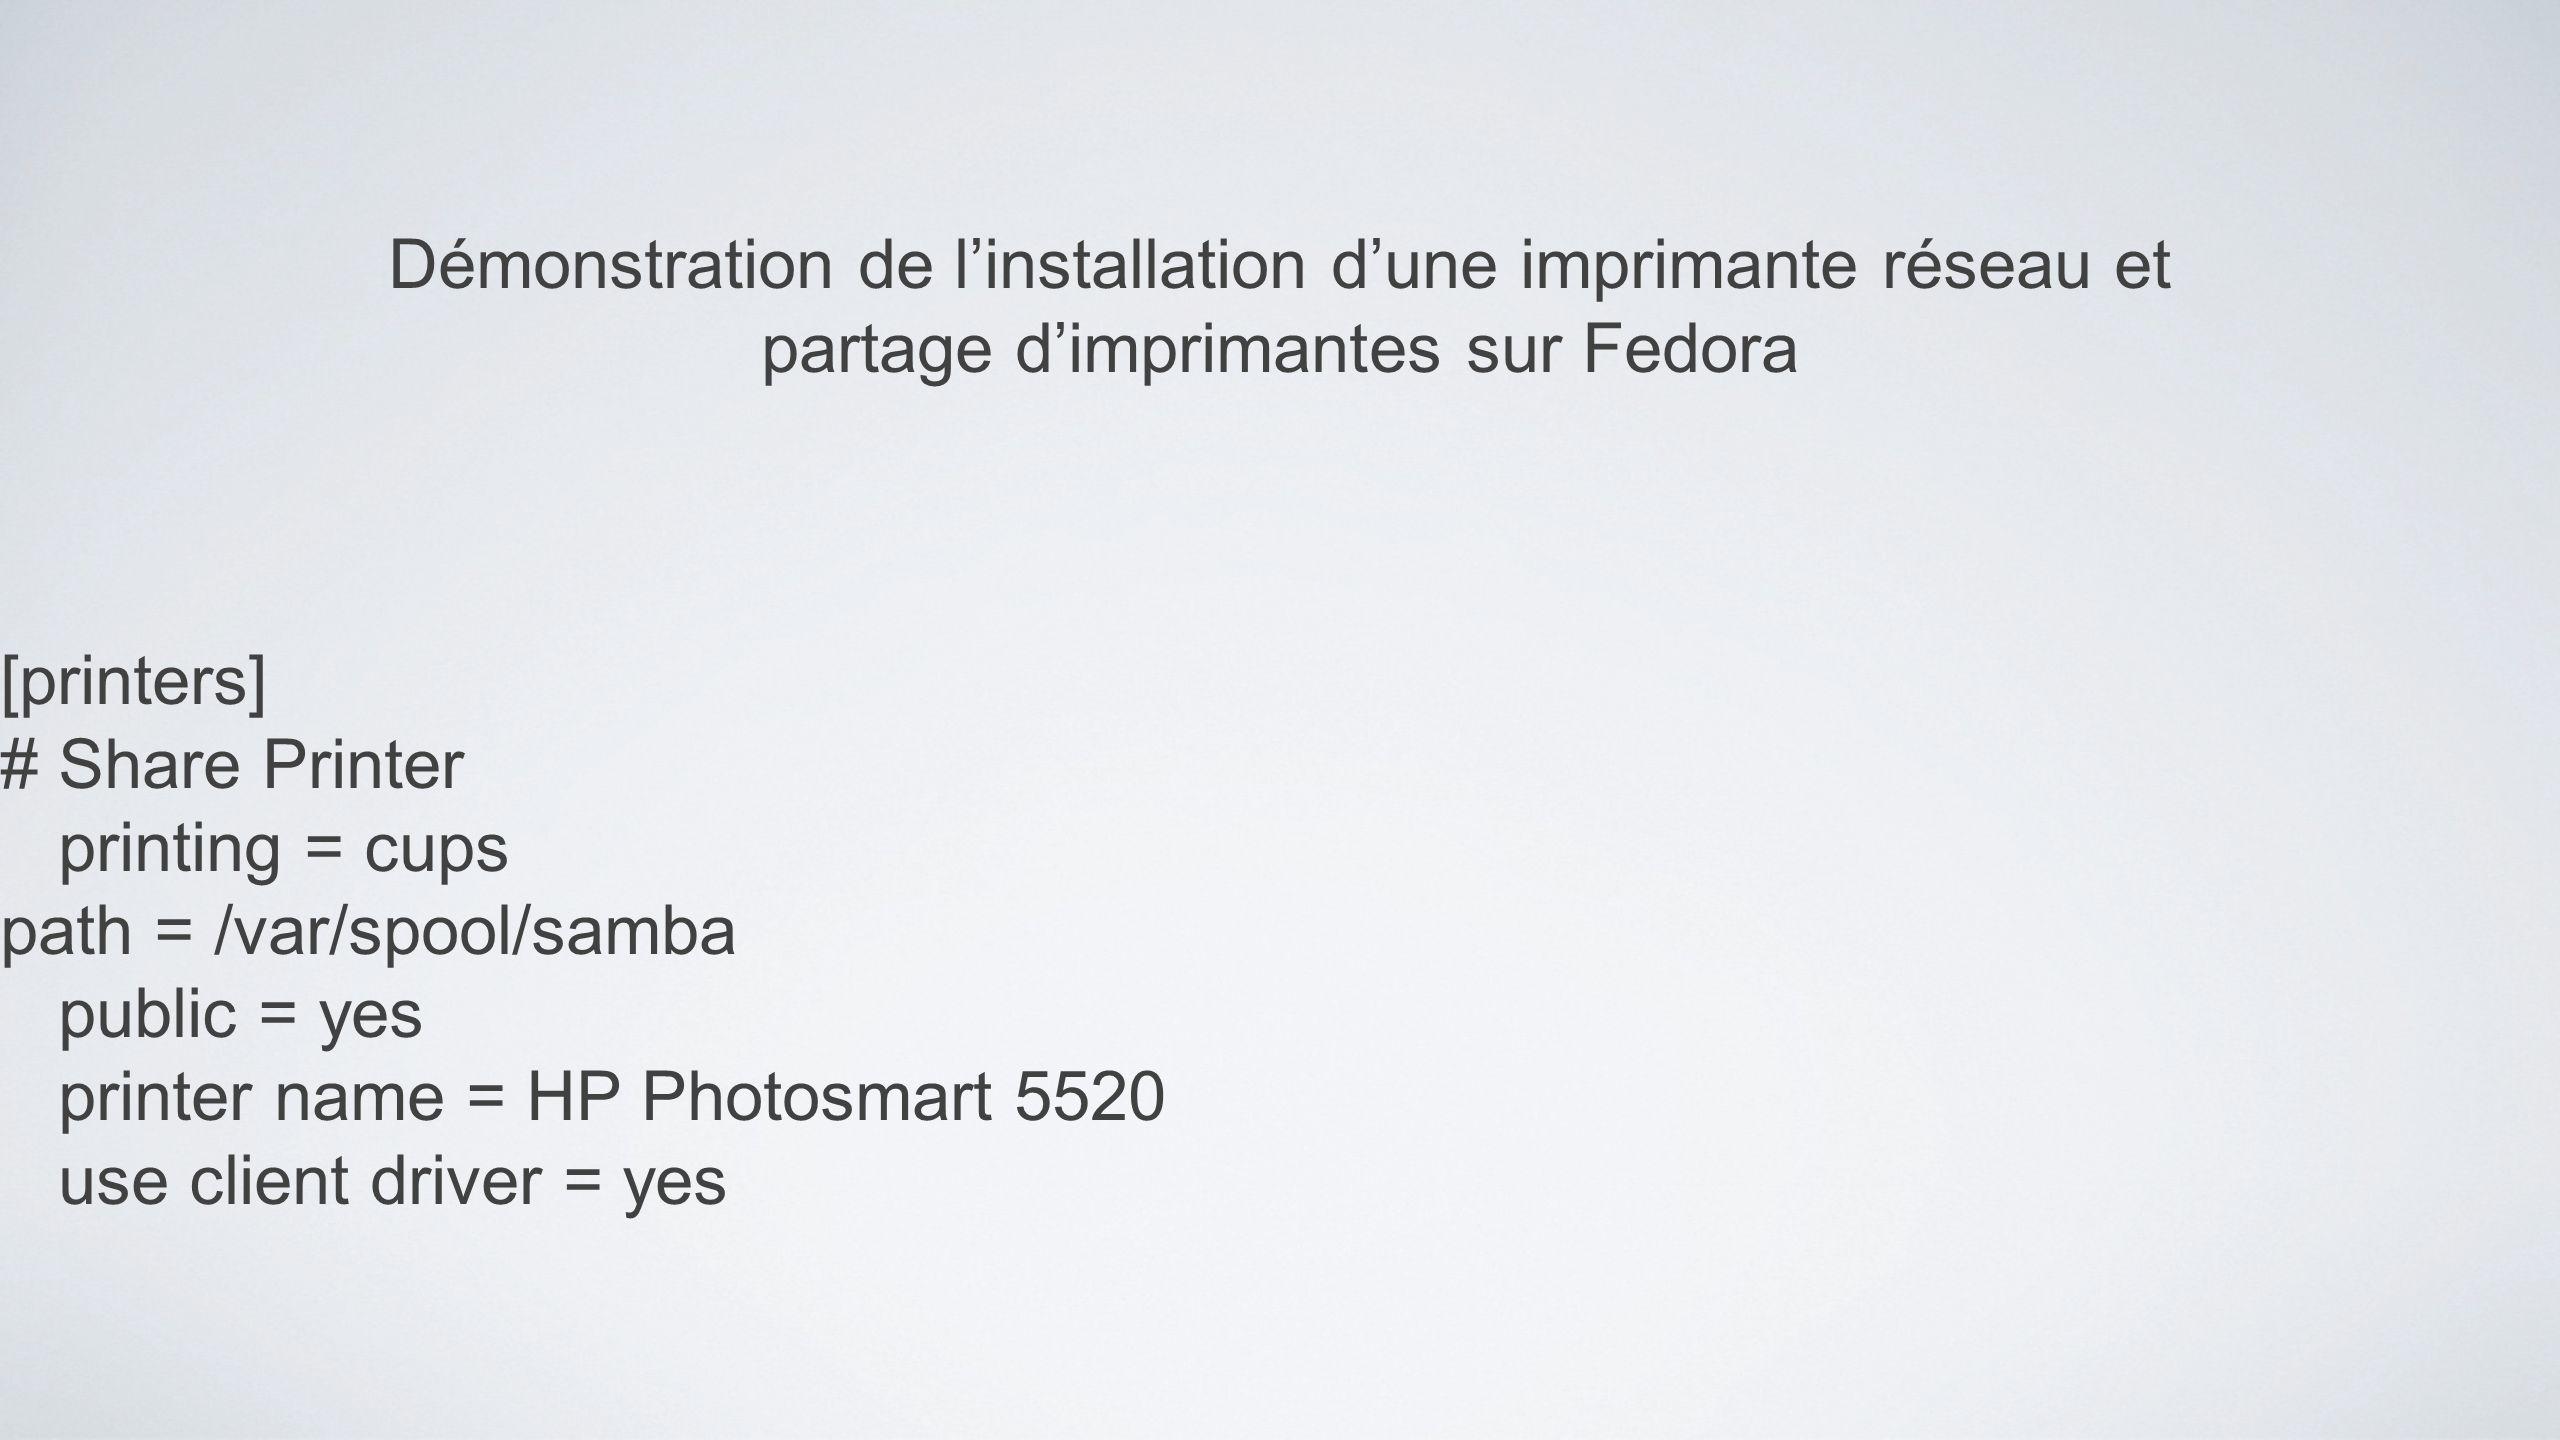 Démonstration de l'installation d'une imprimante réseau et